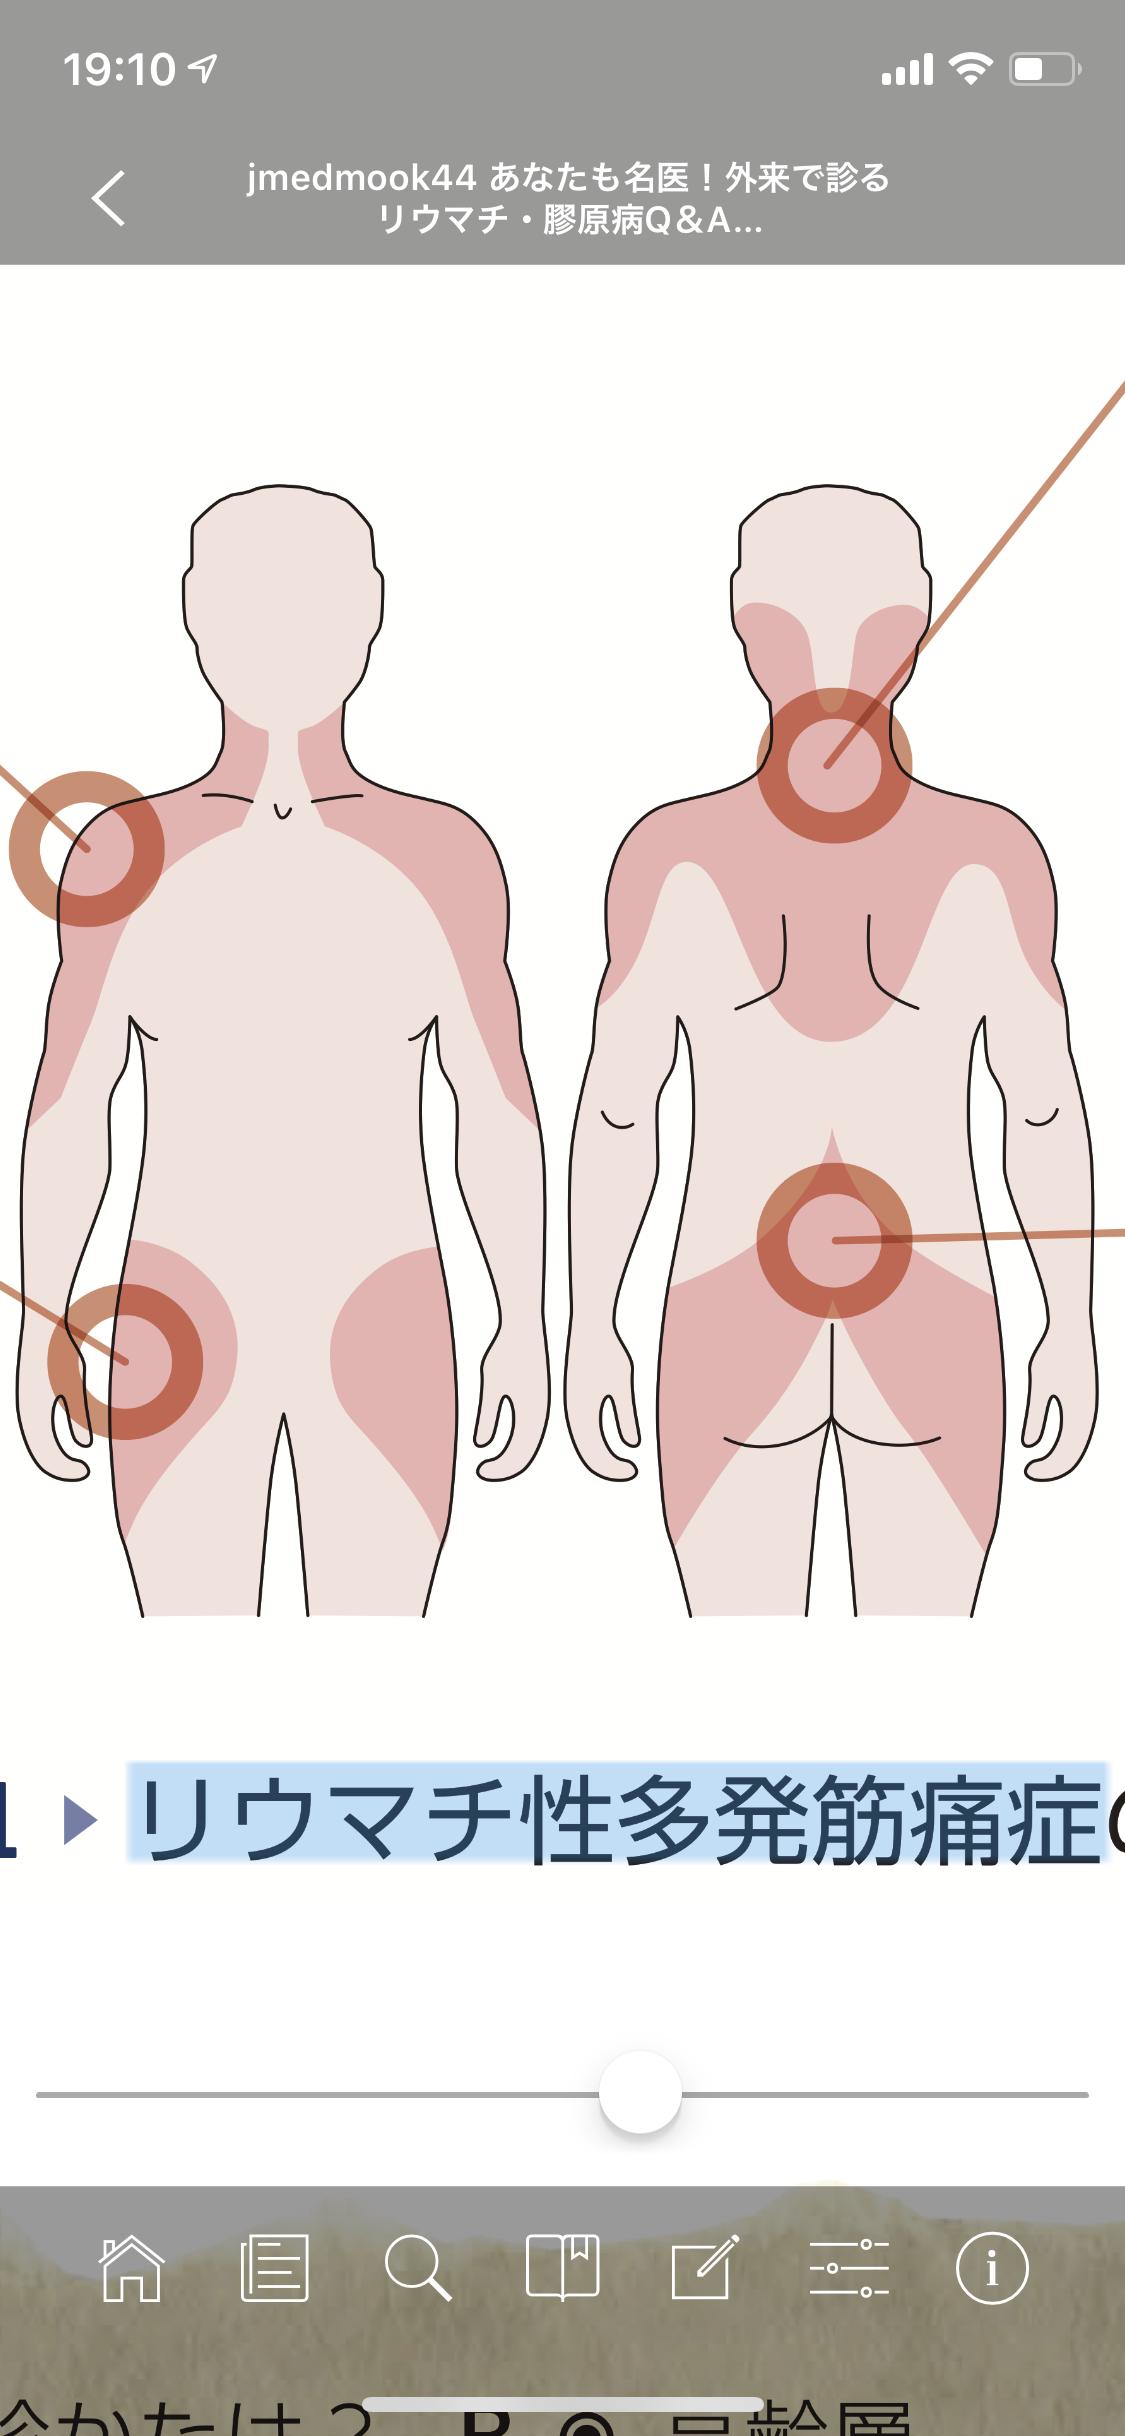 リウマチ性多発筋痛症の疼痛部位 森永 康平 @ ミルキク note